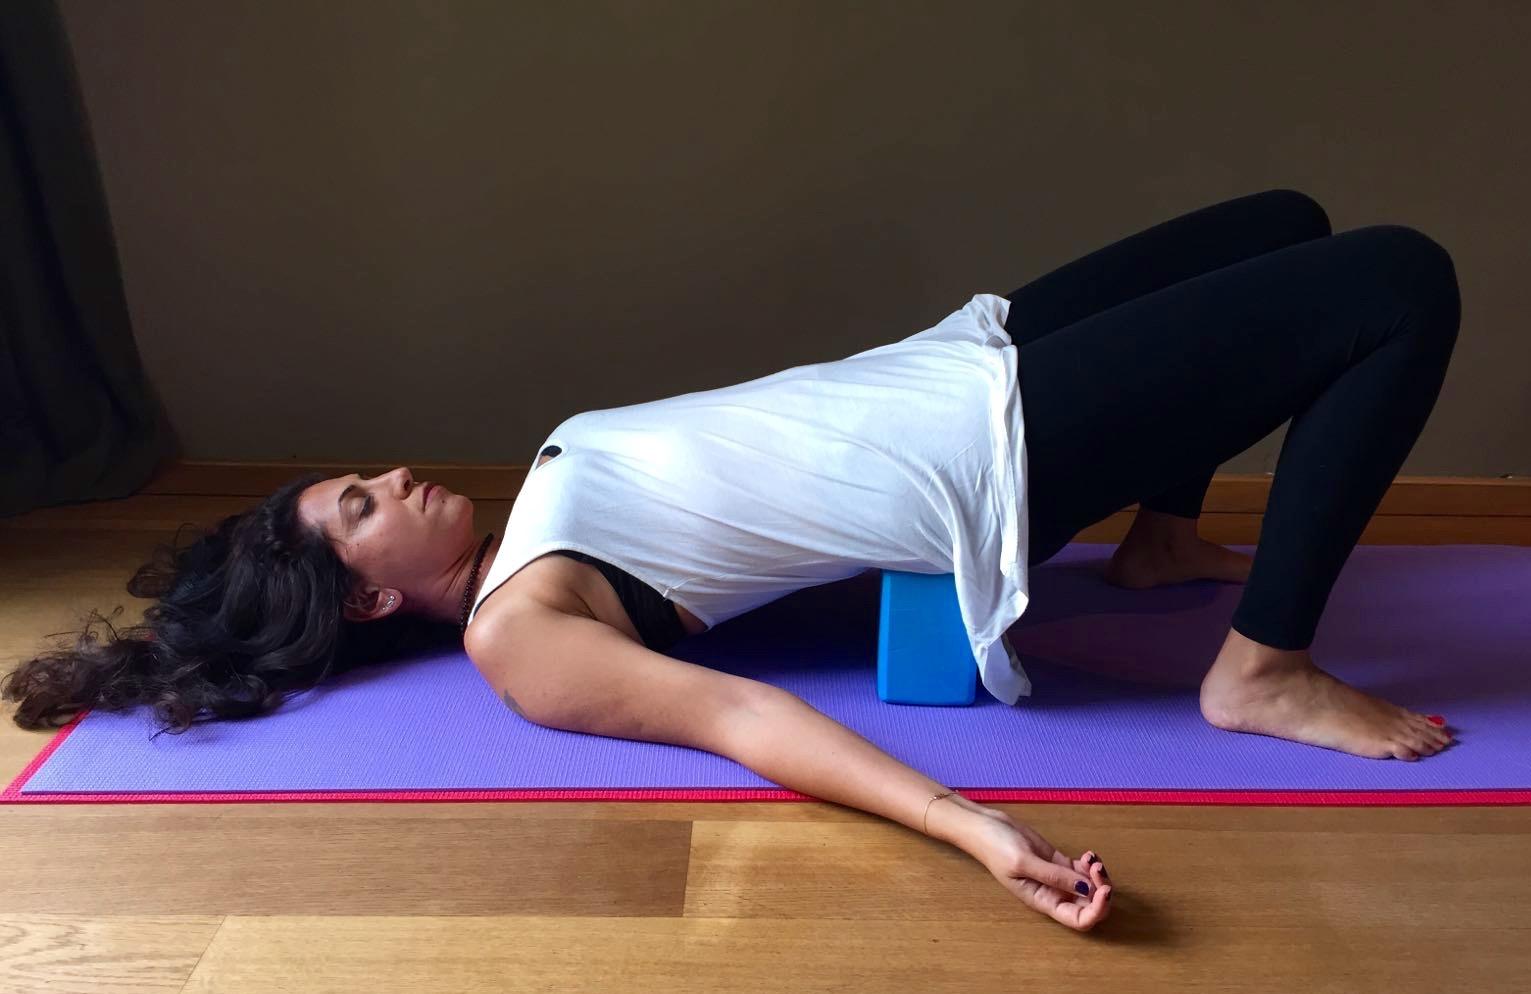 Ağrılardan Kurtulabilmek için 7 Önemli Yoga Hareketi